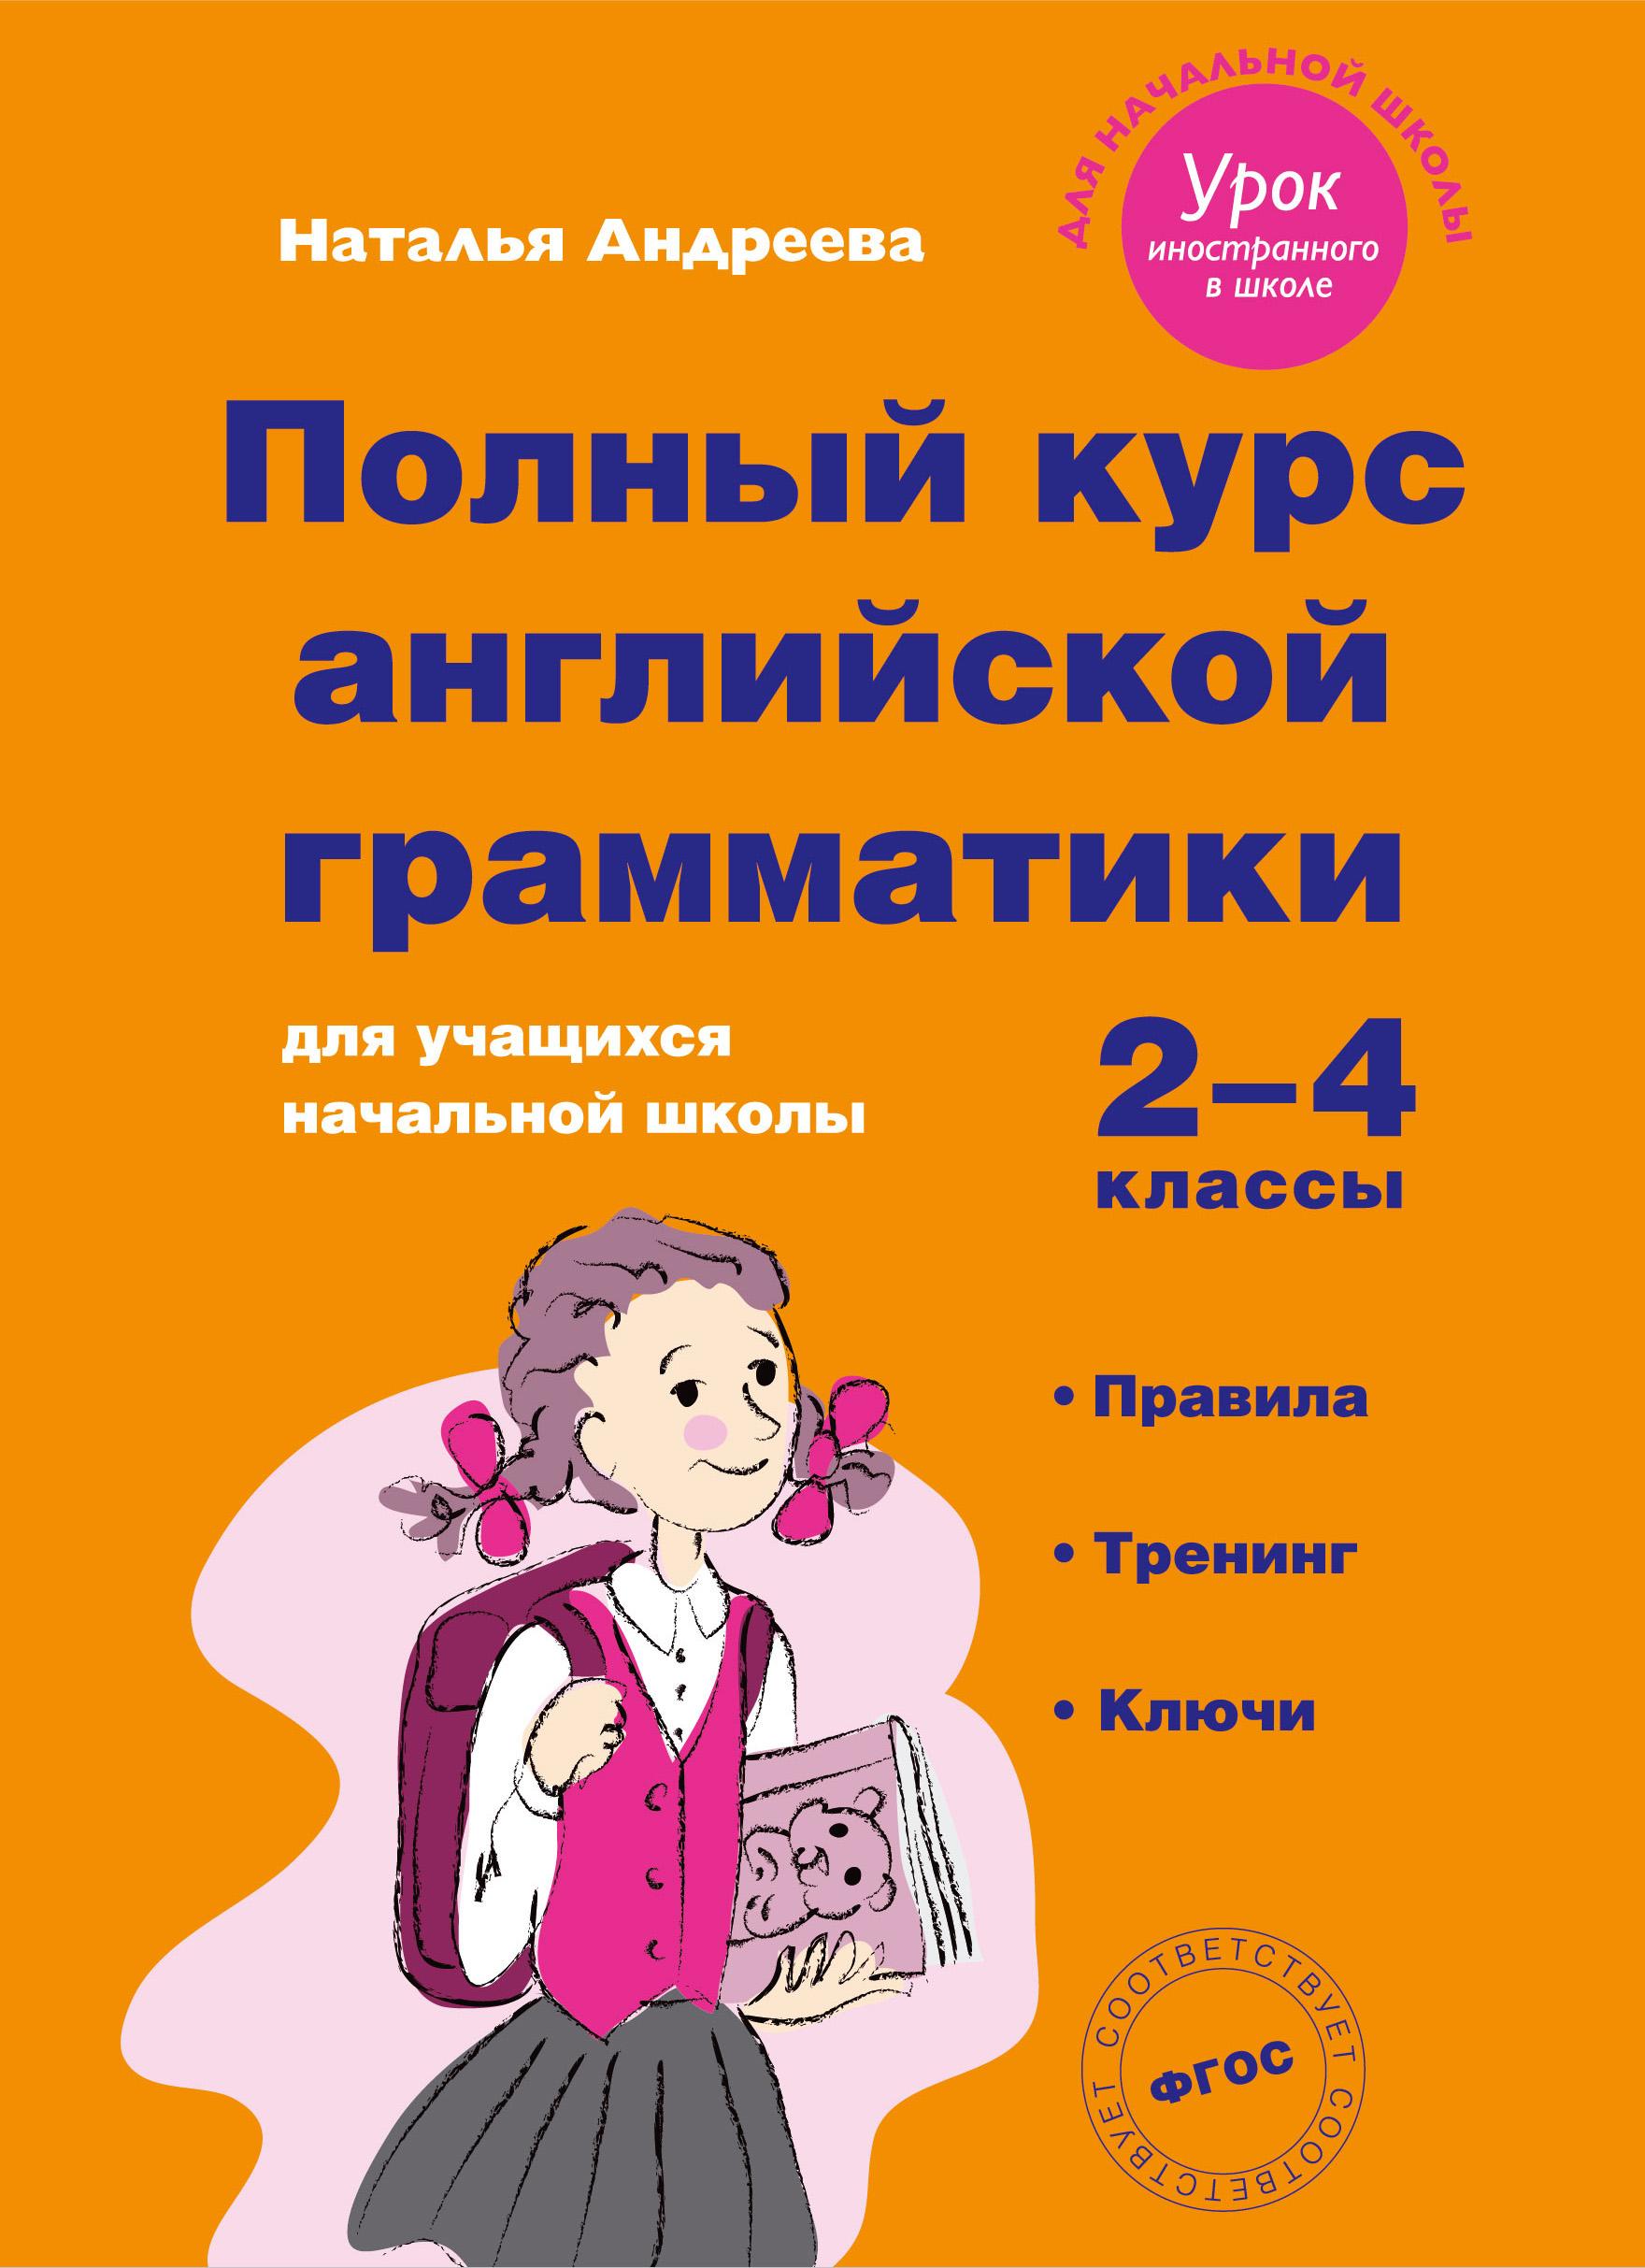 Наталья Андреева Полный курс английской грамматики для учащихся начальной школы. 2–4 классы андреева н полный курс английской грамматики для учащихся начальной школы 2 4 классы